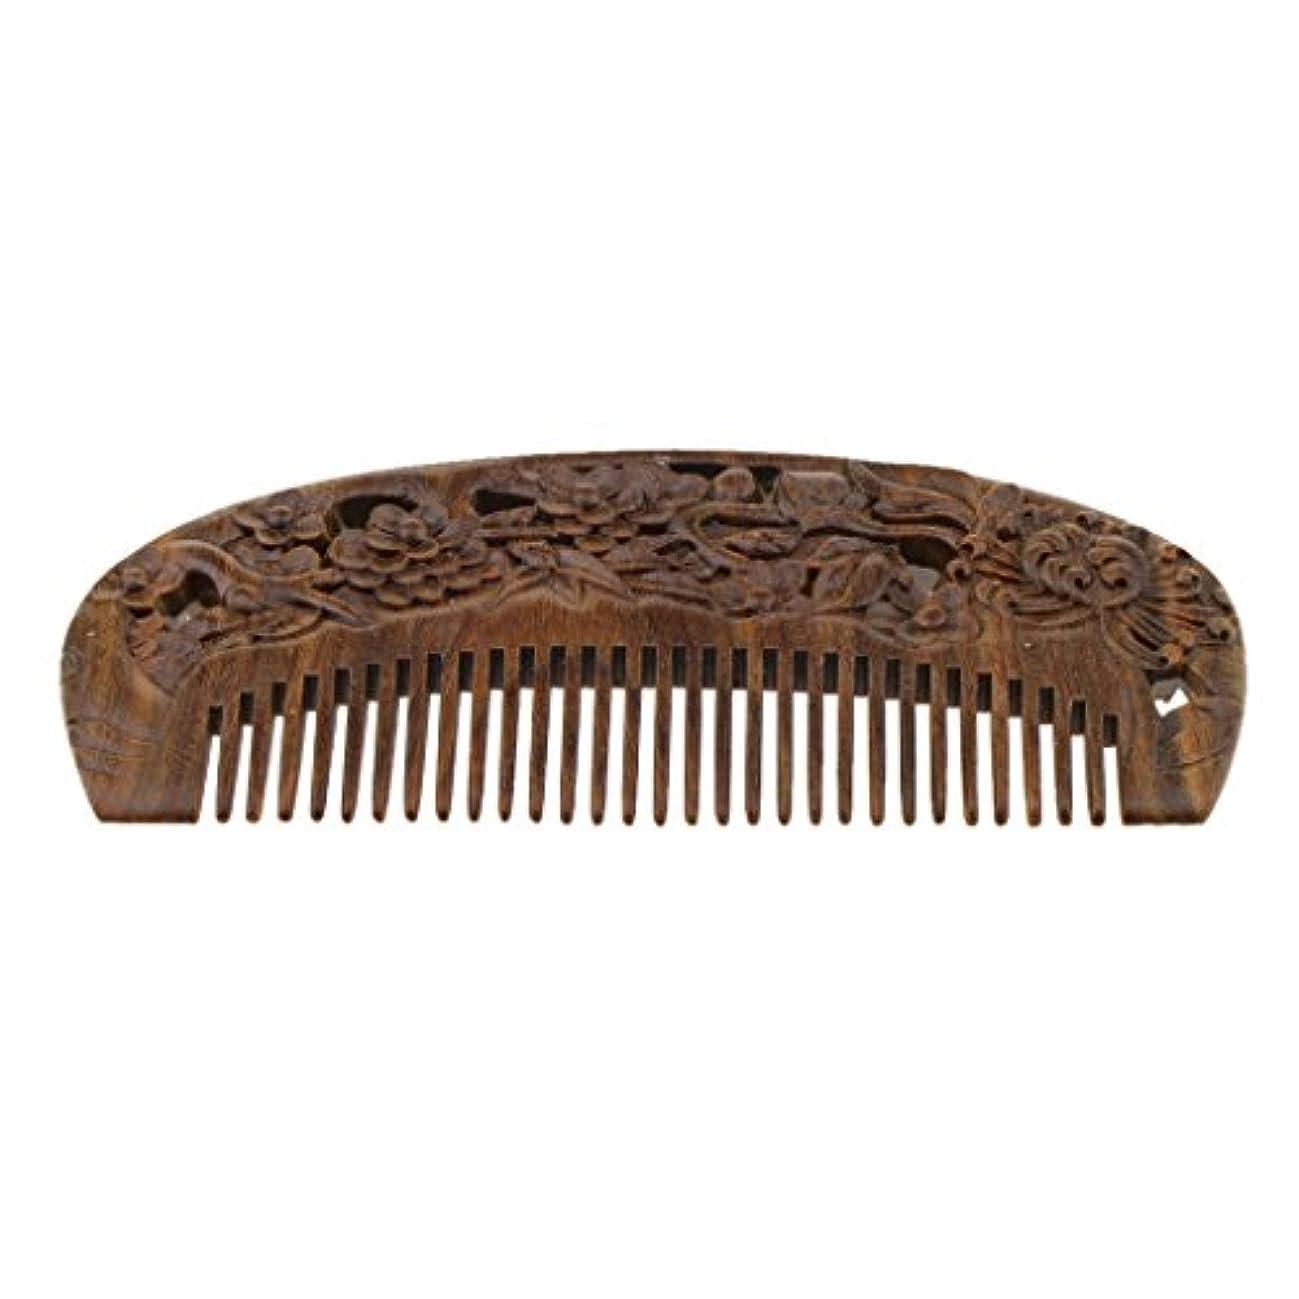 センチメートル司書ポケットナチュラル ウッドコーム 木製コーム 頭皮マッサージ ワイド歯 ヘアブラシ ヘアスタイリング 2タイプ選べる - #2